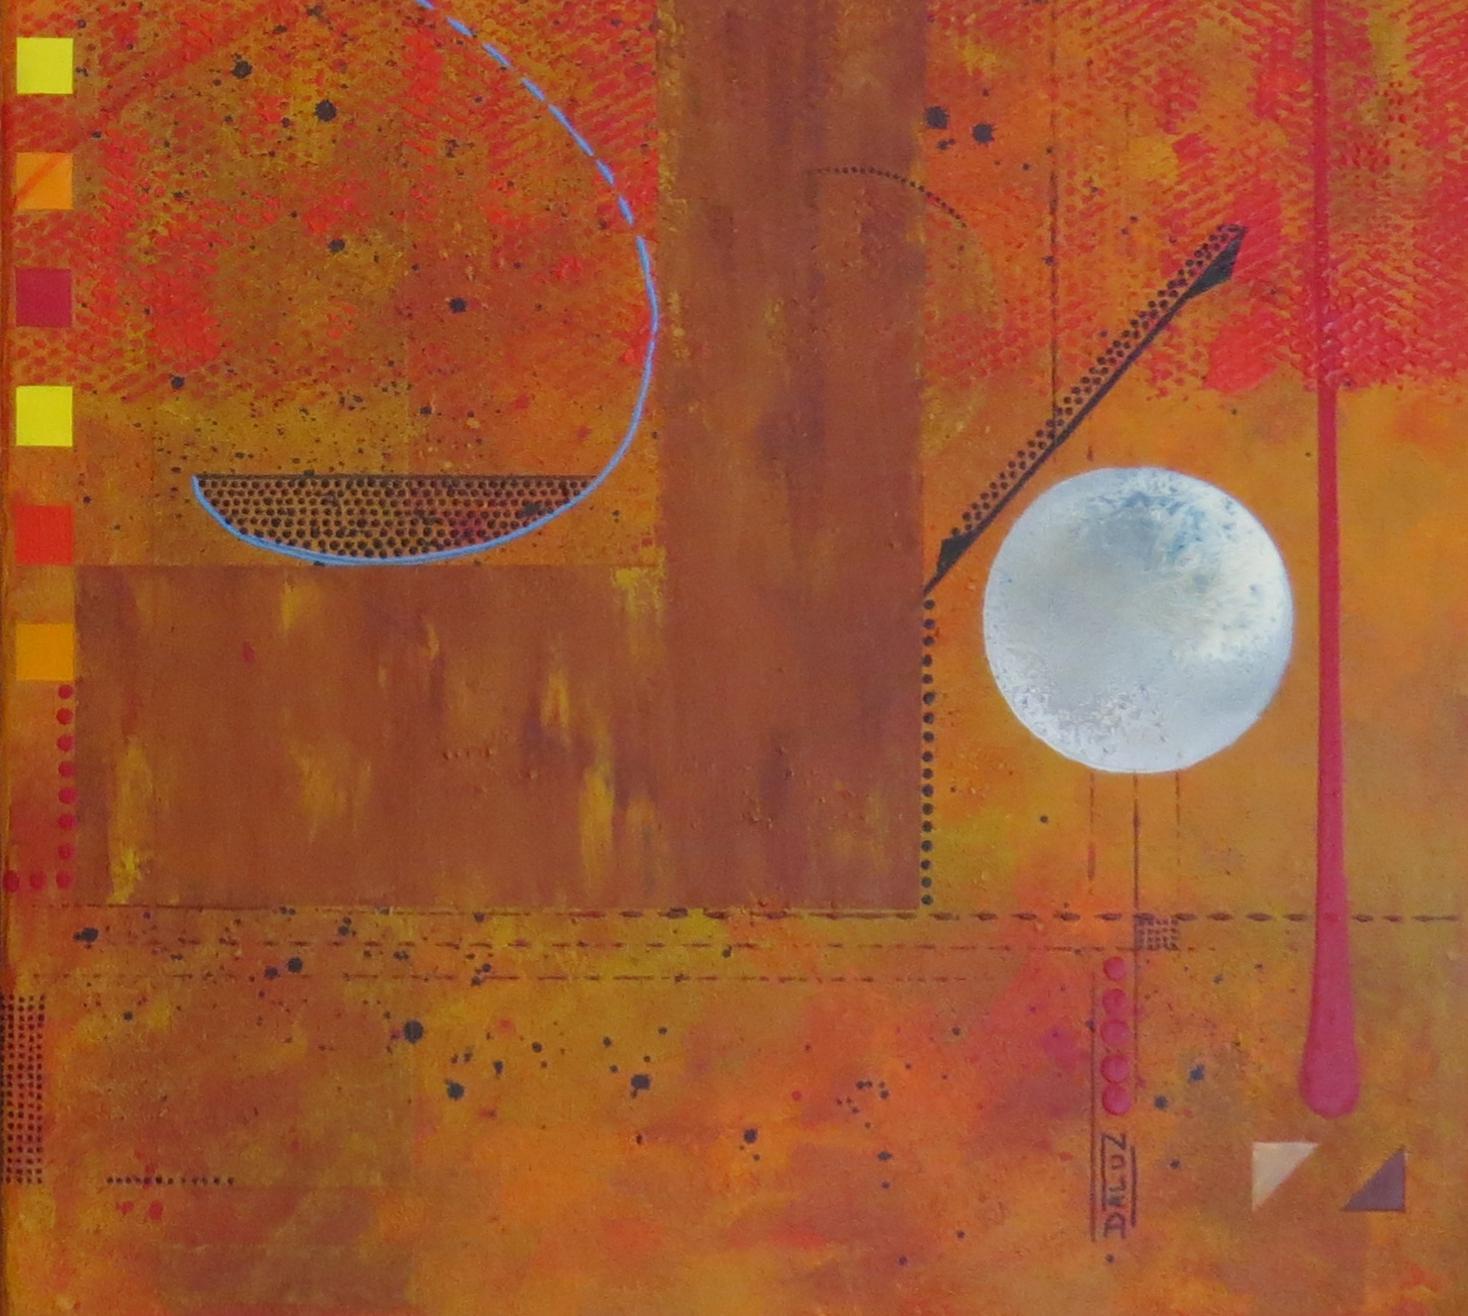 thêta - zoom4 - DALUZ GALEGO - peinture abstraite